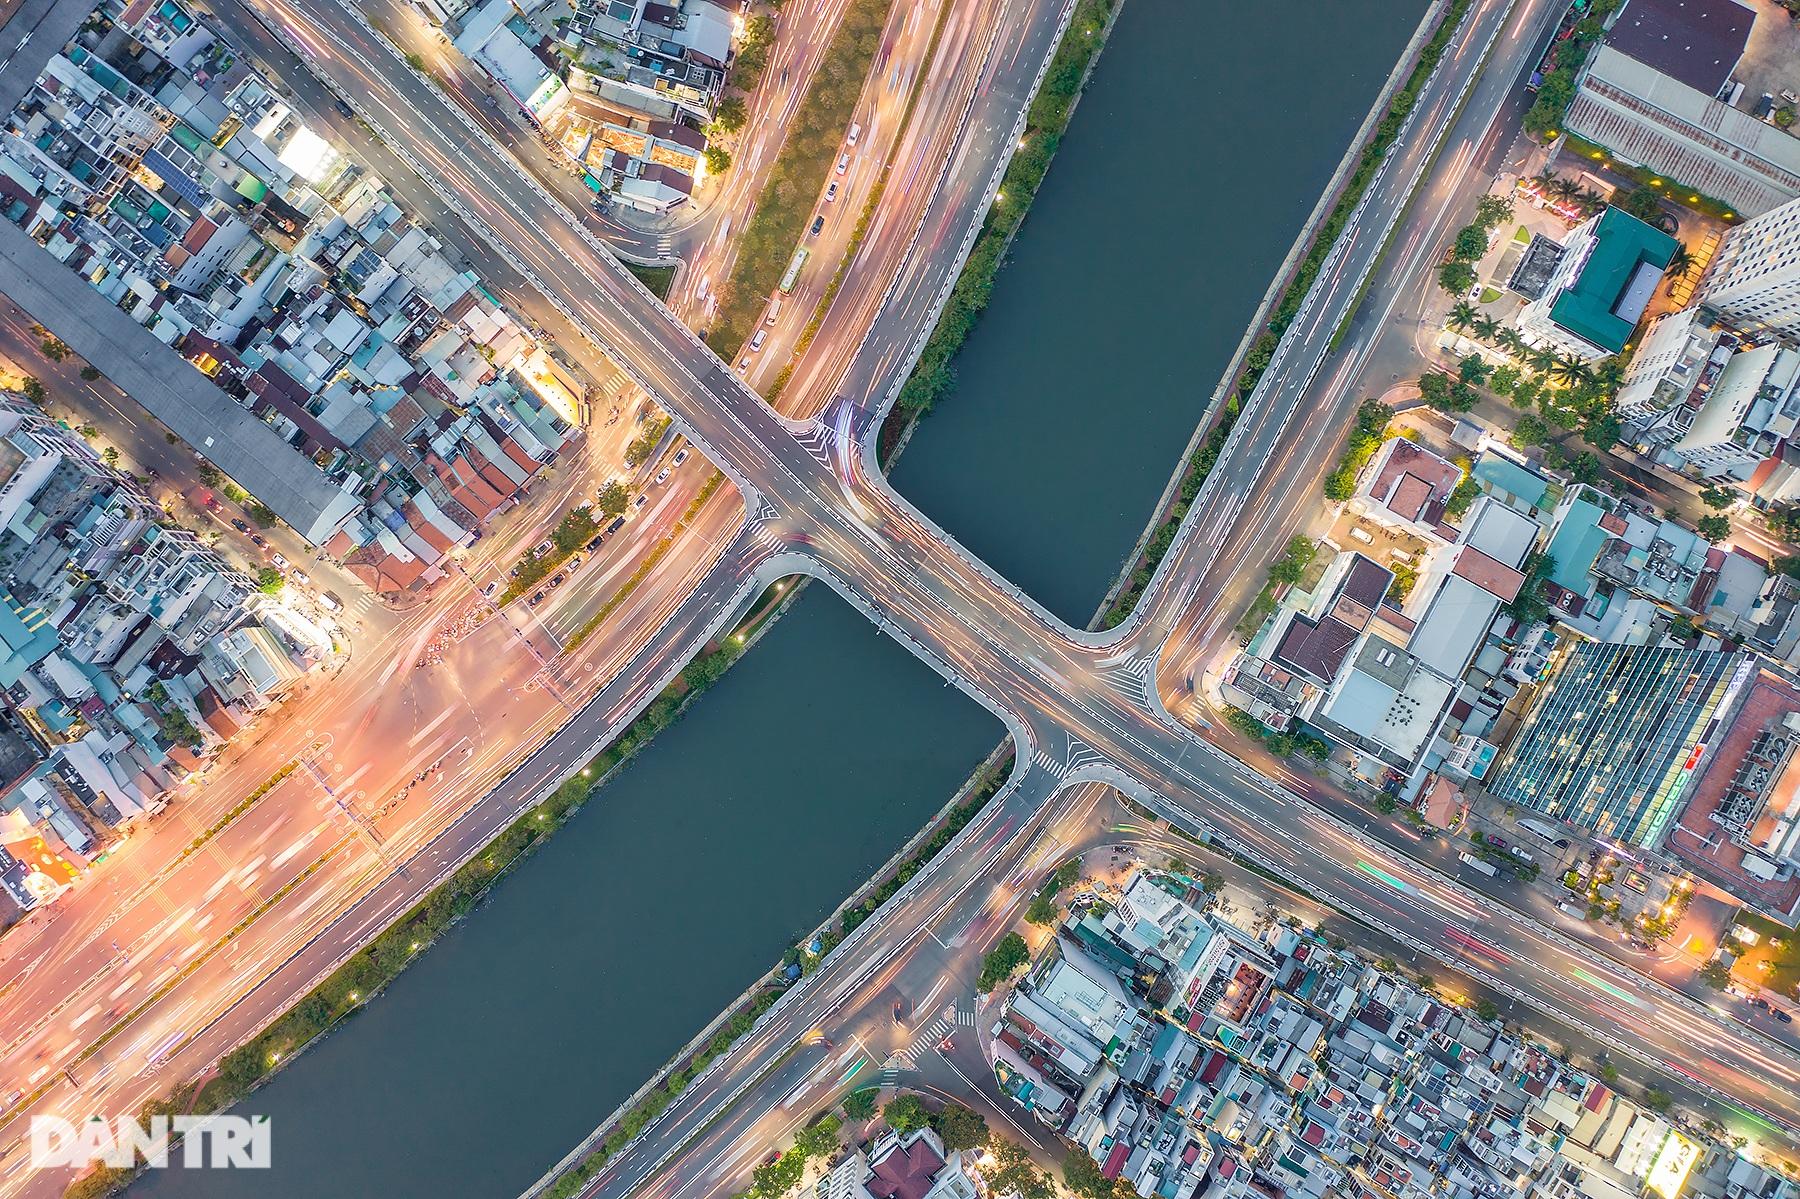 Thành phố Hồ Chí Minh - Vẻ đẹp của một Siêu đô thị hiện đại - 14